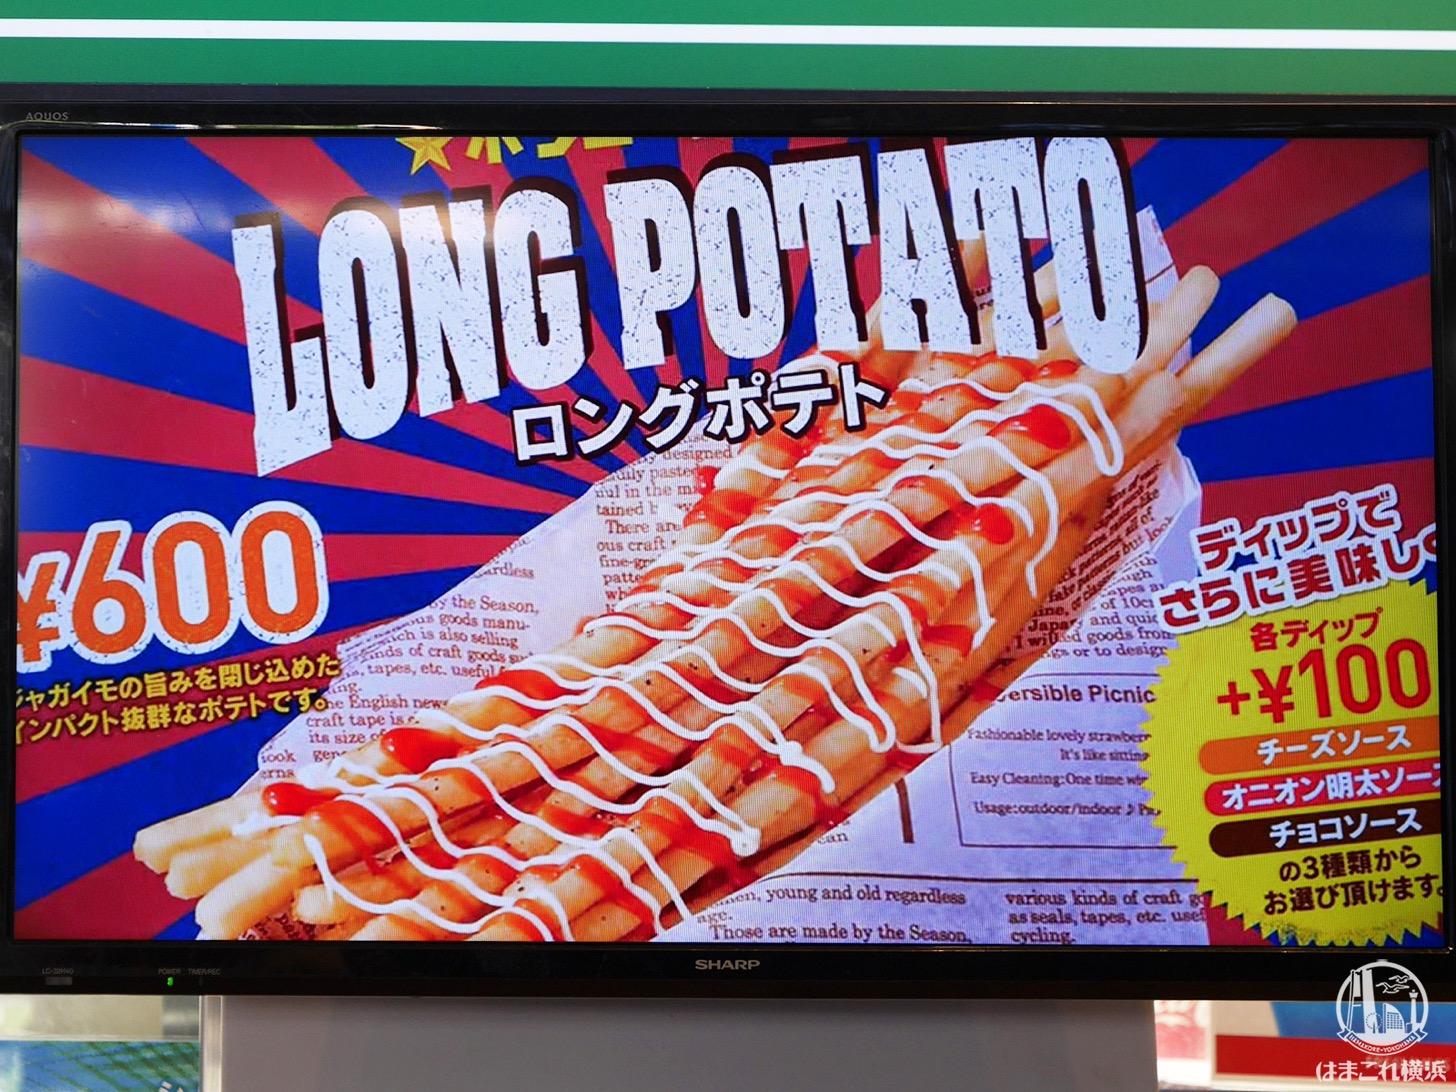 ロングポテト(600円)